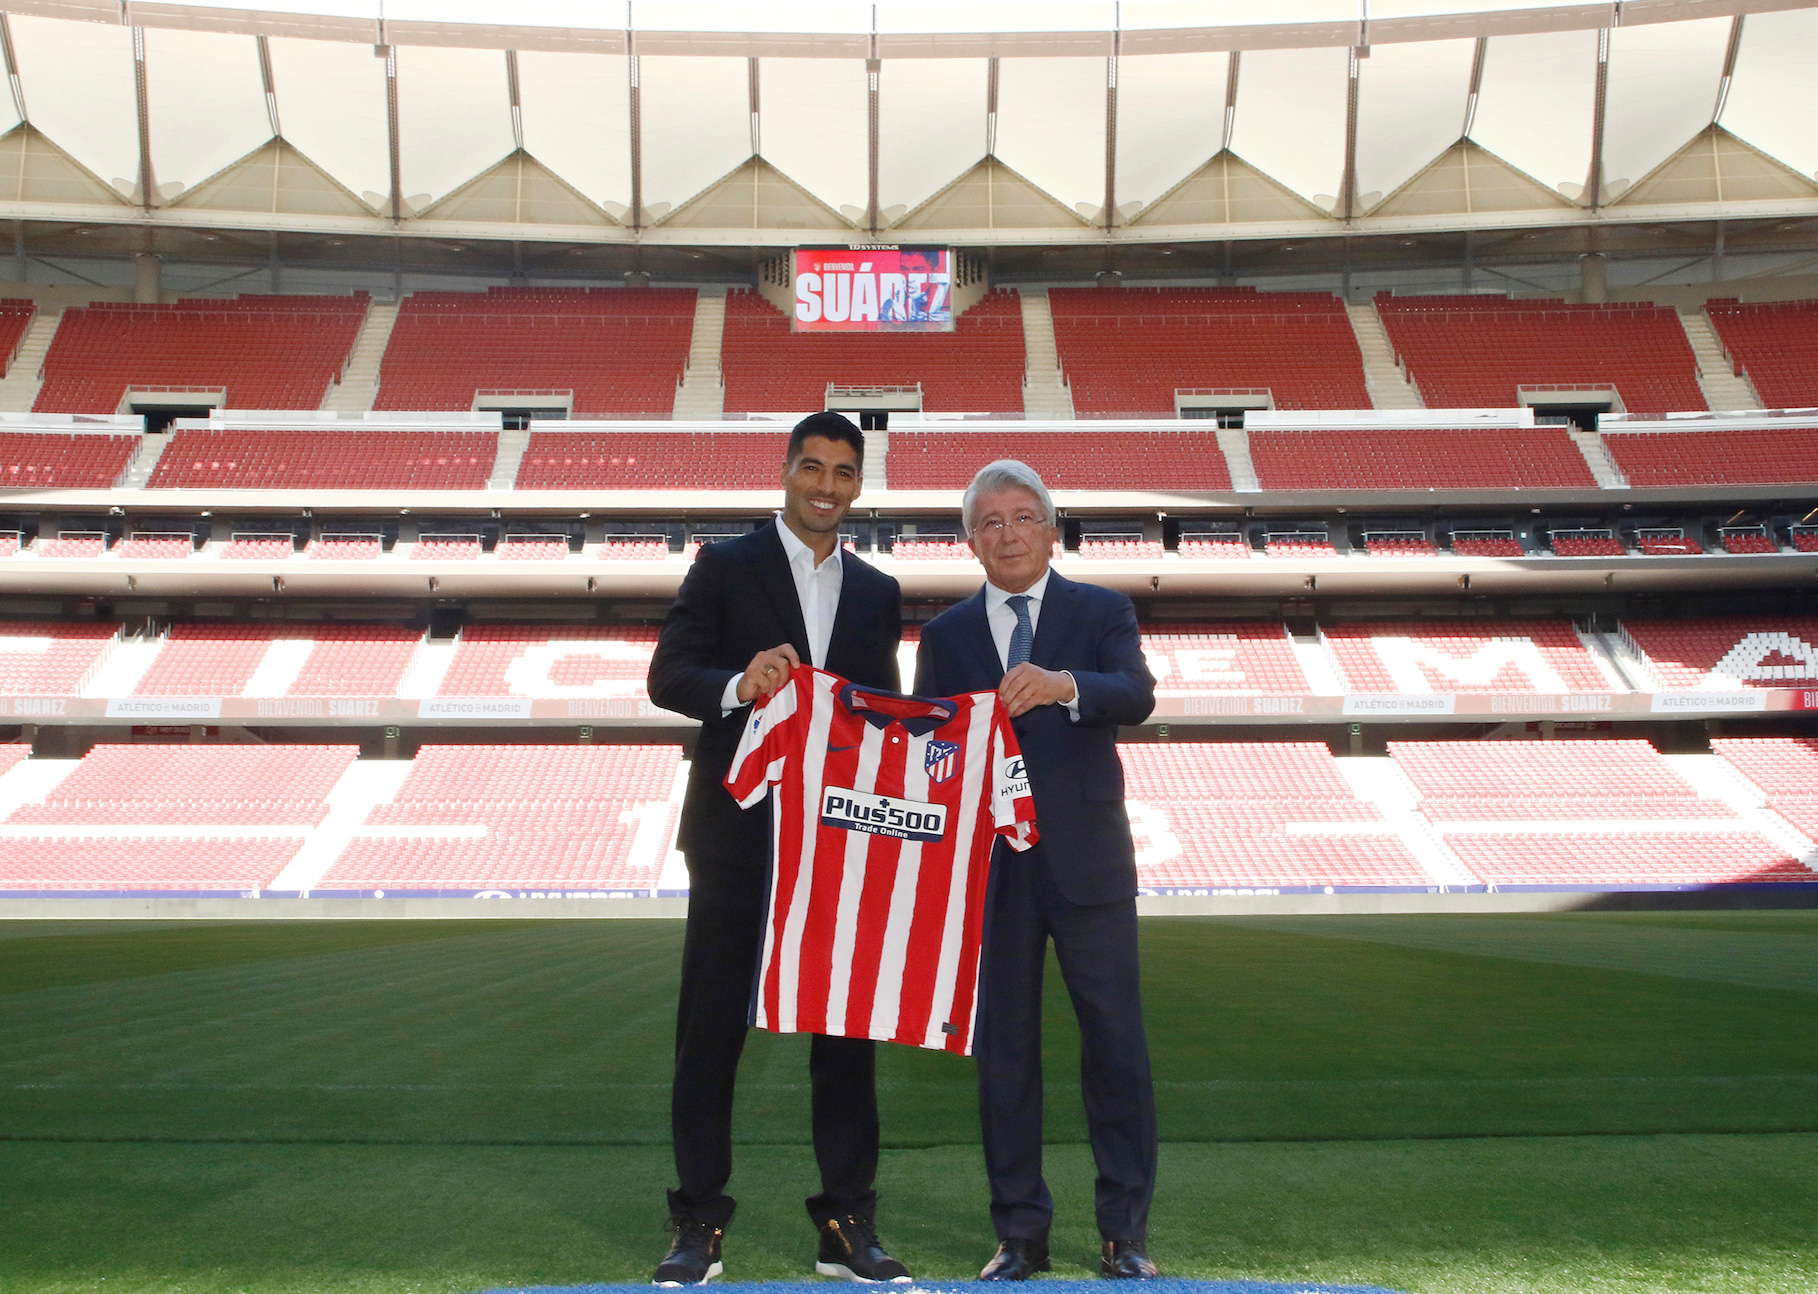 Luis Suarez ký hợp đồng, tập luyện ở Atletico Madrid - Báo Người lao động